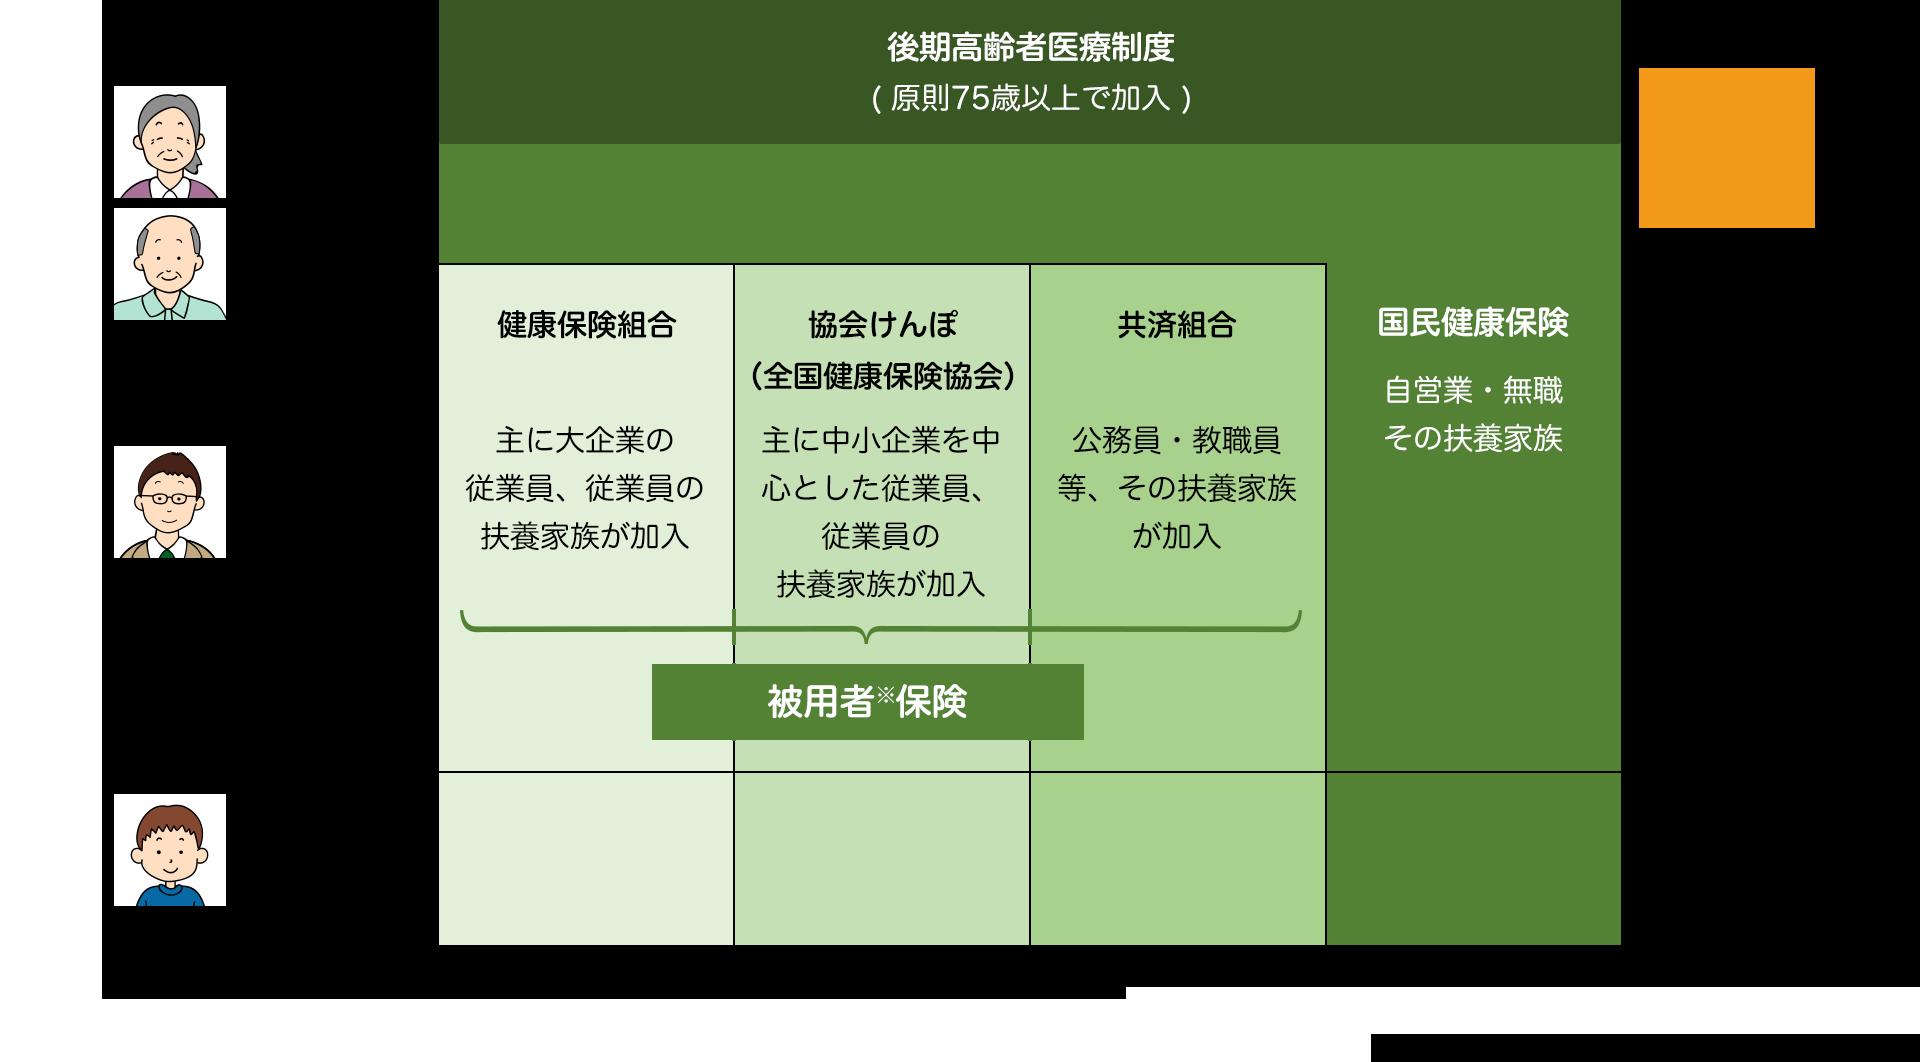 被用者 と は 被用者保険とは何か - freeway-kyuuyo.net